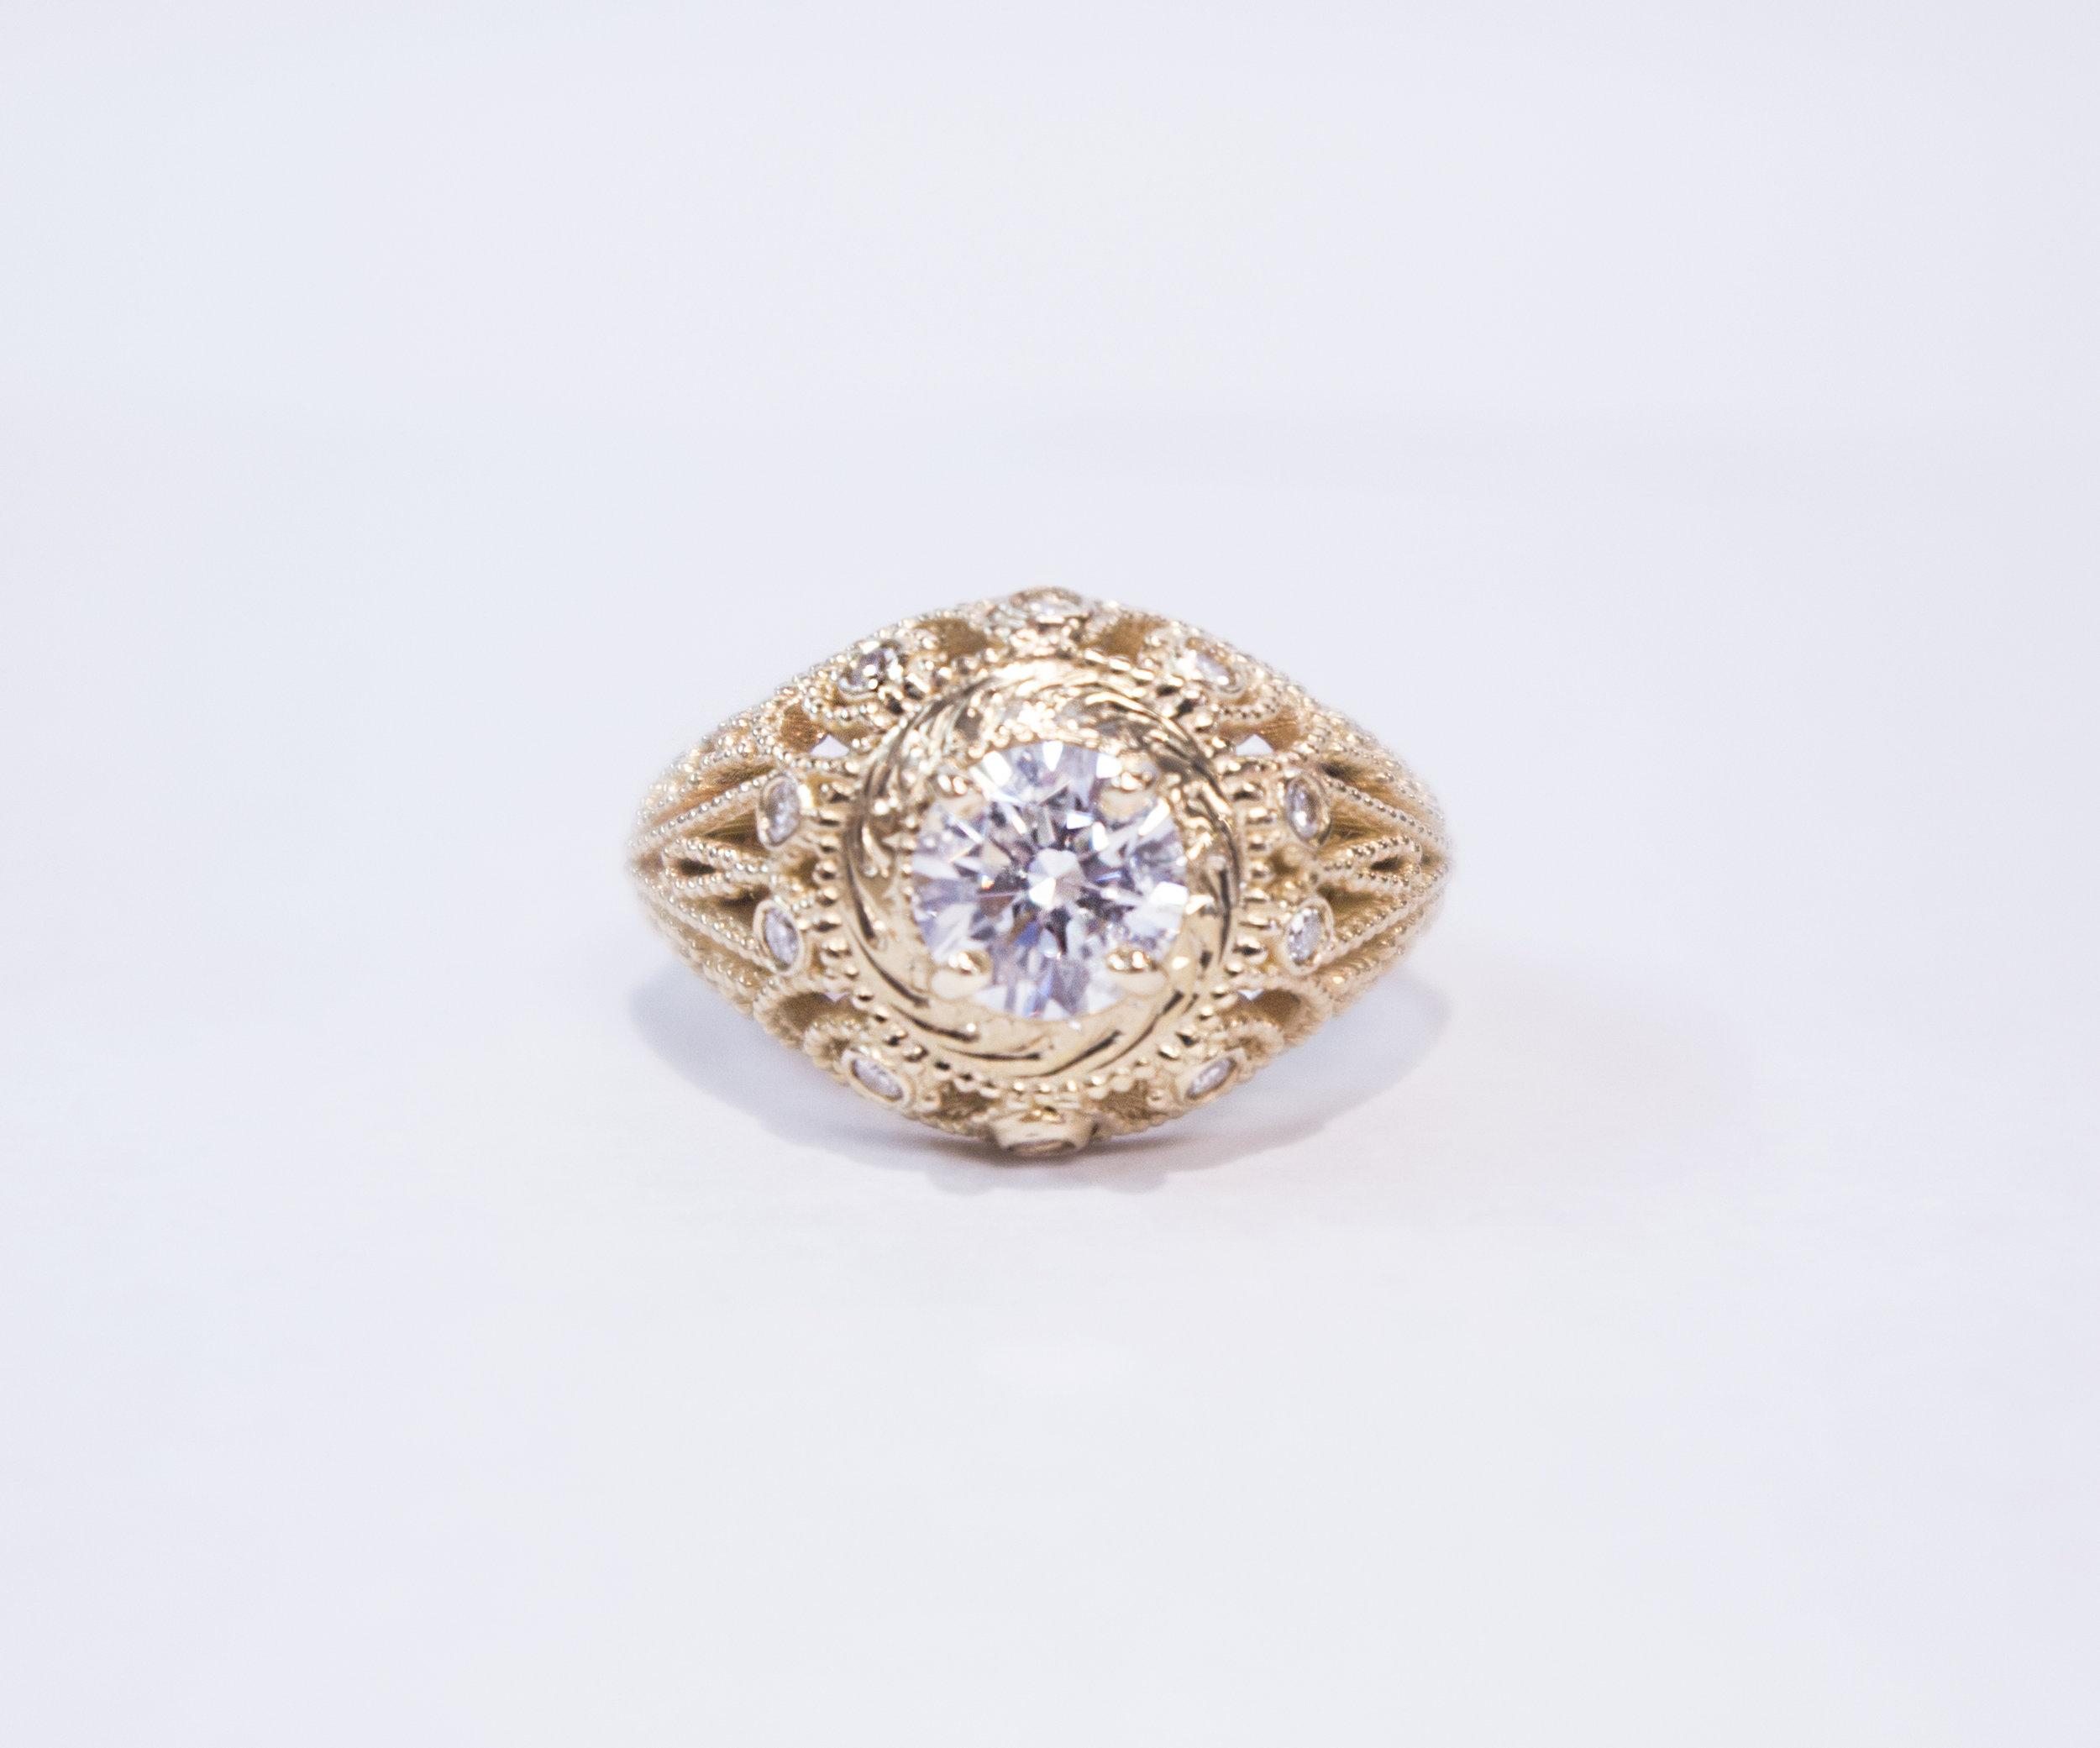 Estate vintage 14K yellow gold diamond engagement ring.JPG